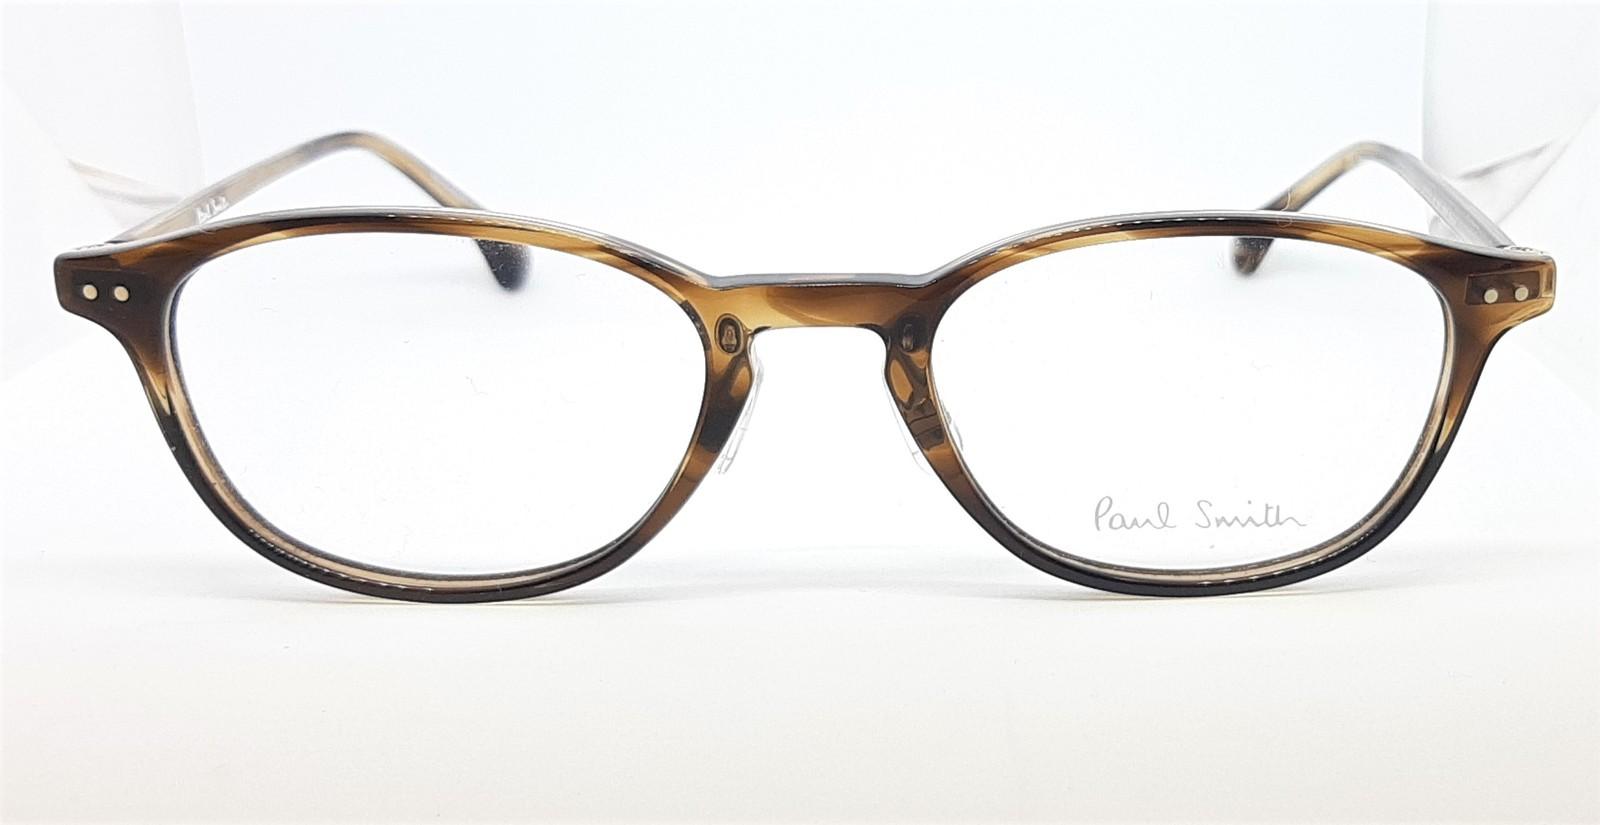 仕事にも遊びにもつかえる眼鏡 ポールスミス 調光ポールスミス眼鏡 /調光レンズタイプ/HOYAレンズHL1.5/伊達眼鏡/サングラス/色が変わるレンズ